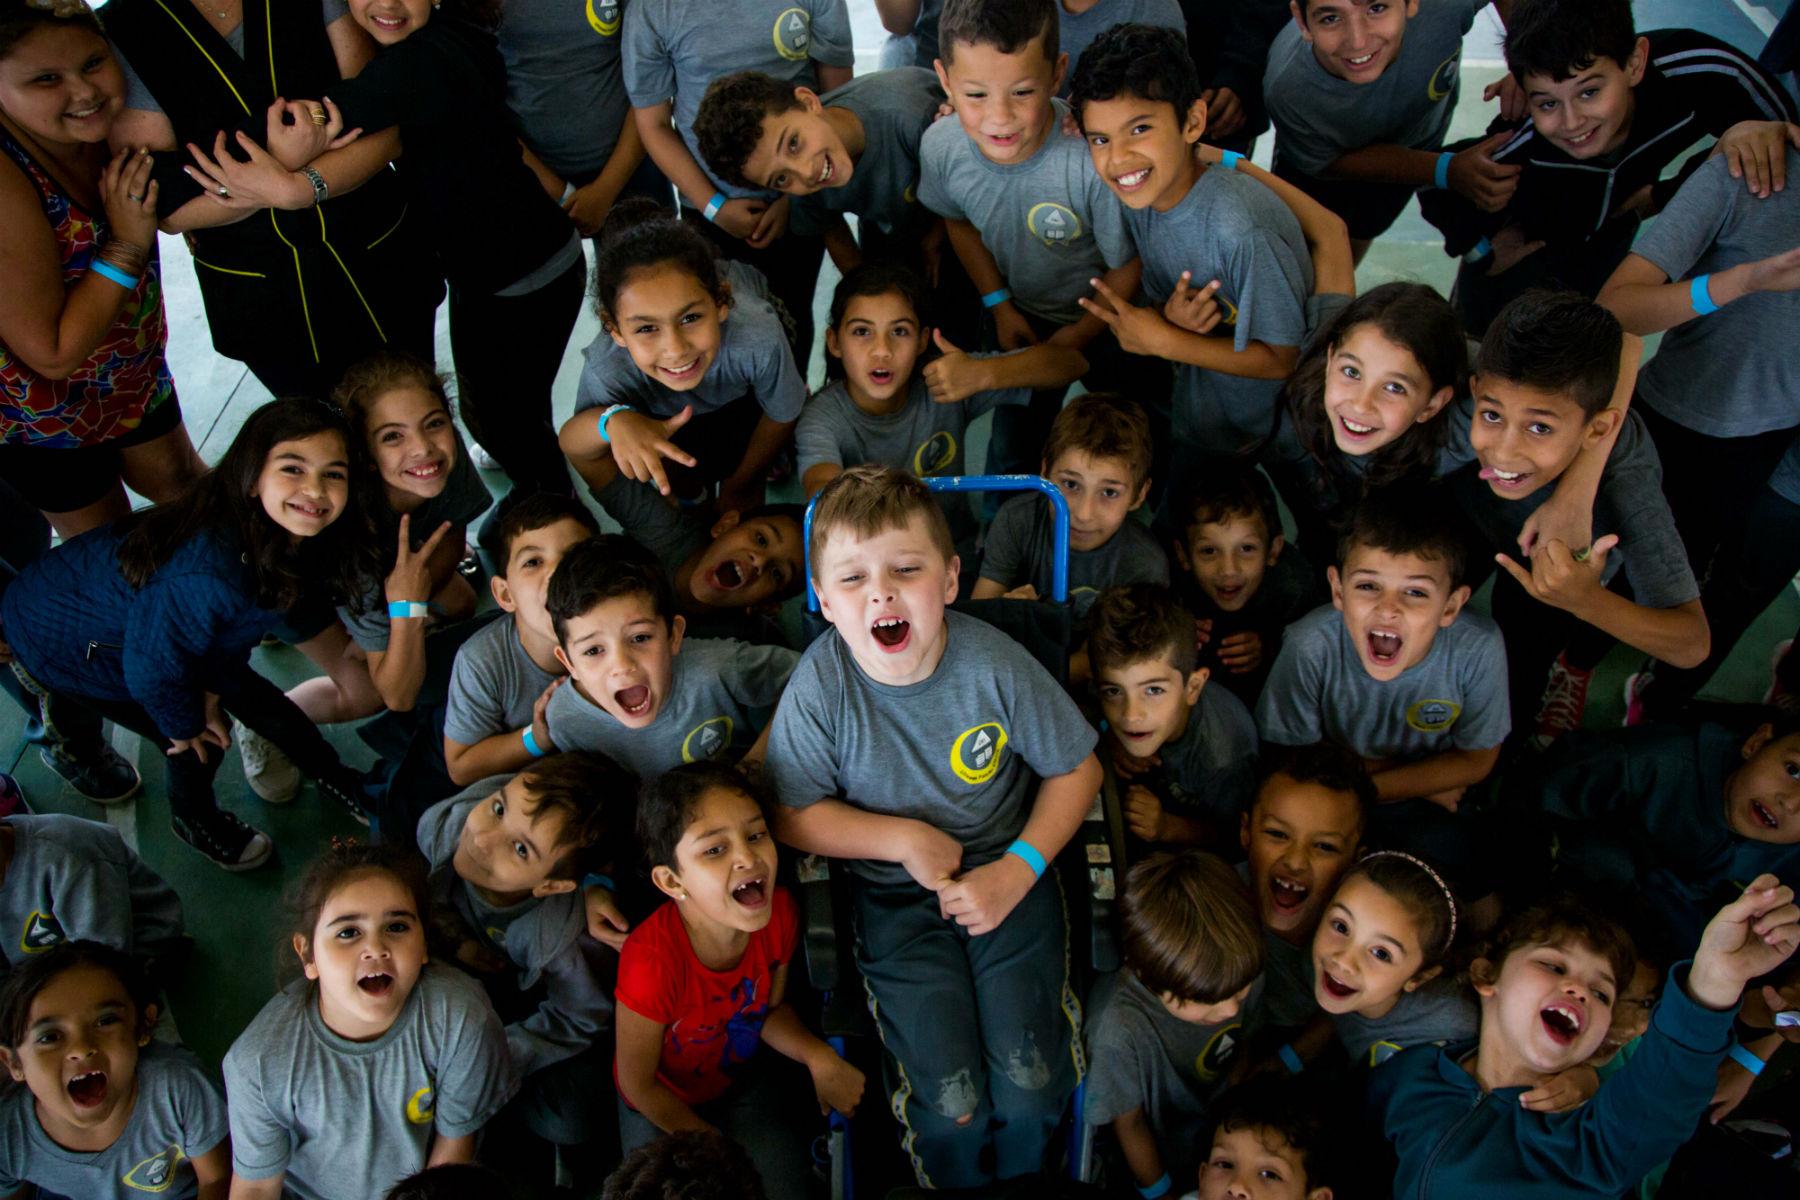 Encontre outras práticas de esporte e inclusão no site do Portas abertas. Foto: Leonne Sá Fortes.